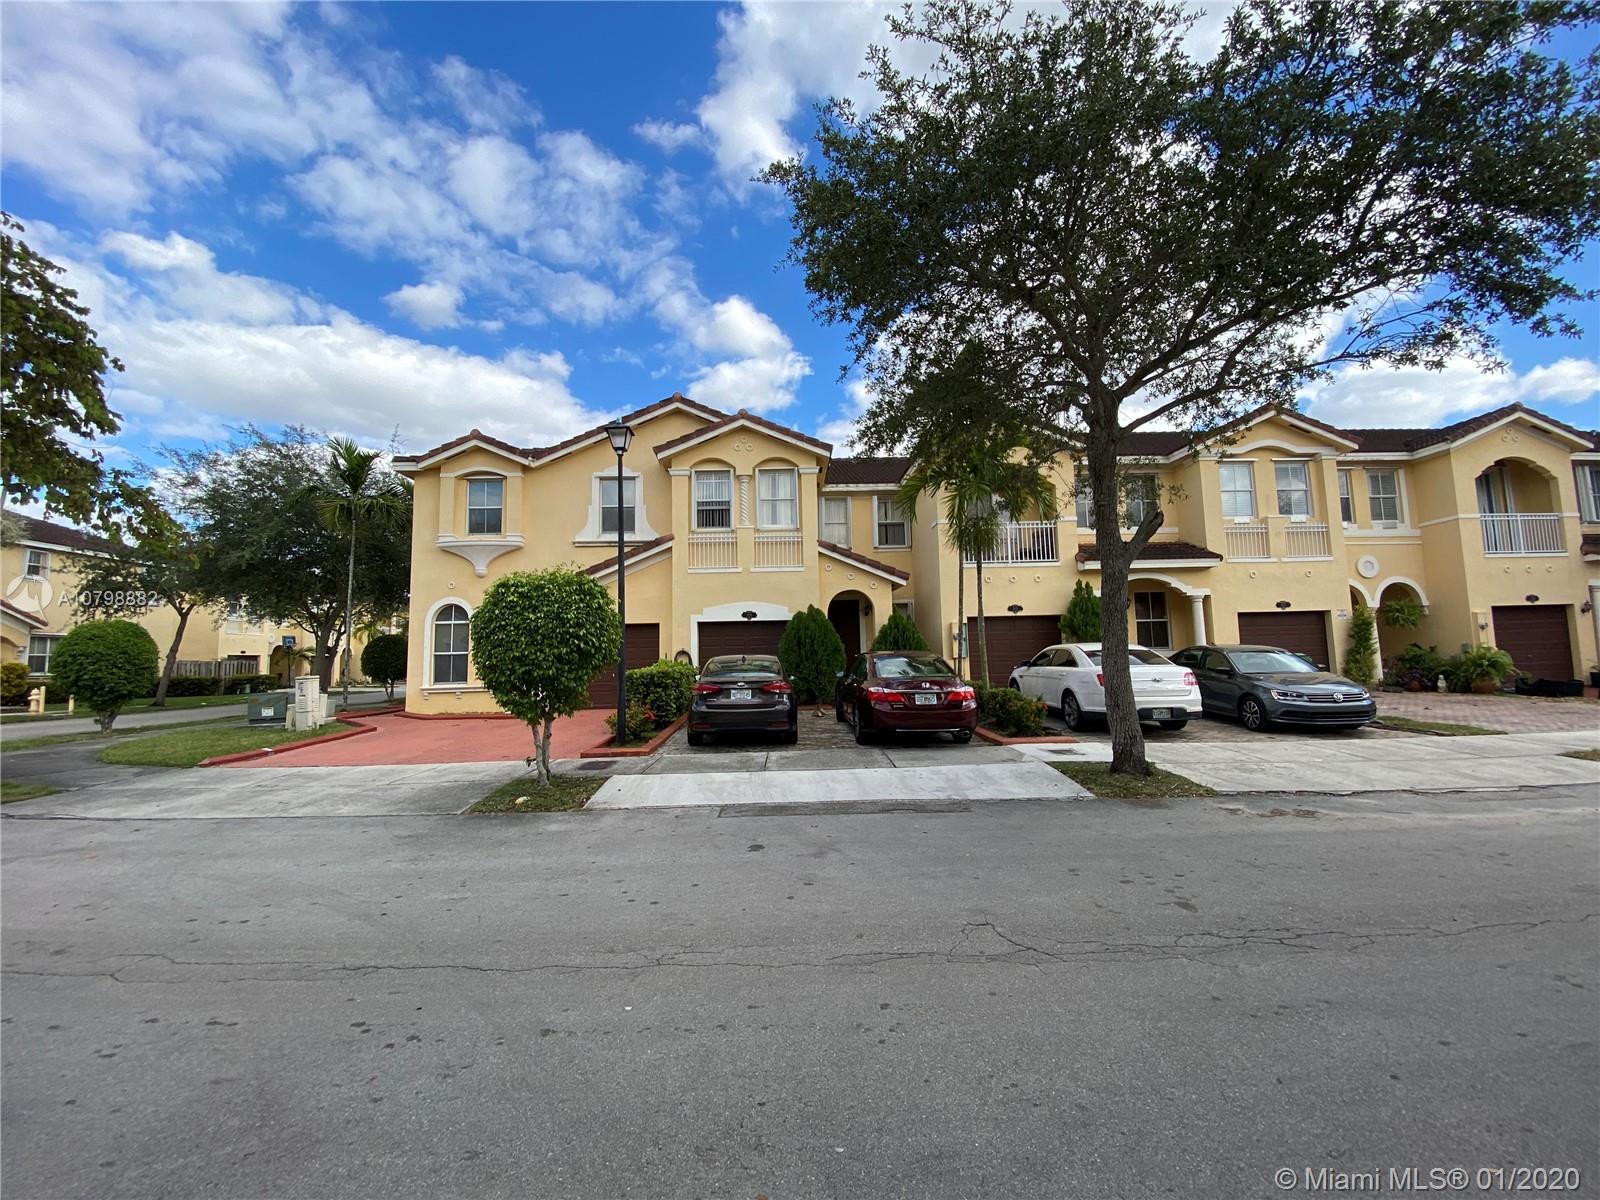 929 SW 151st Pl, Miami, FL 33194